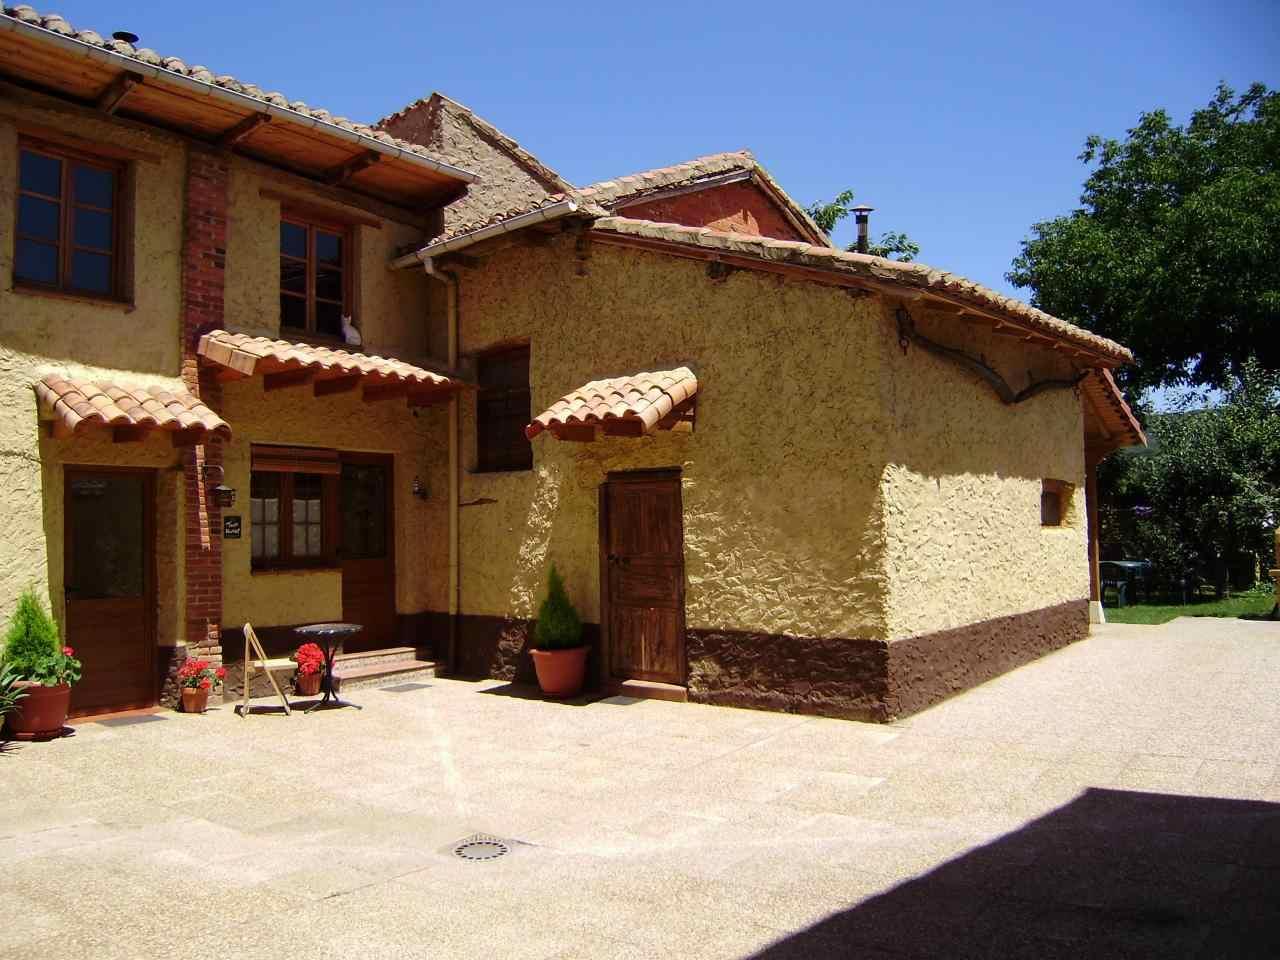 Alquiler vacaciones en Villanueva del Condado, León